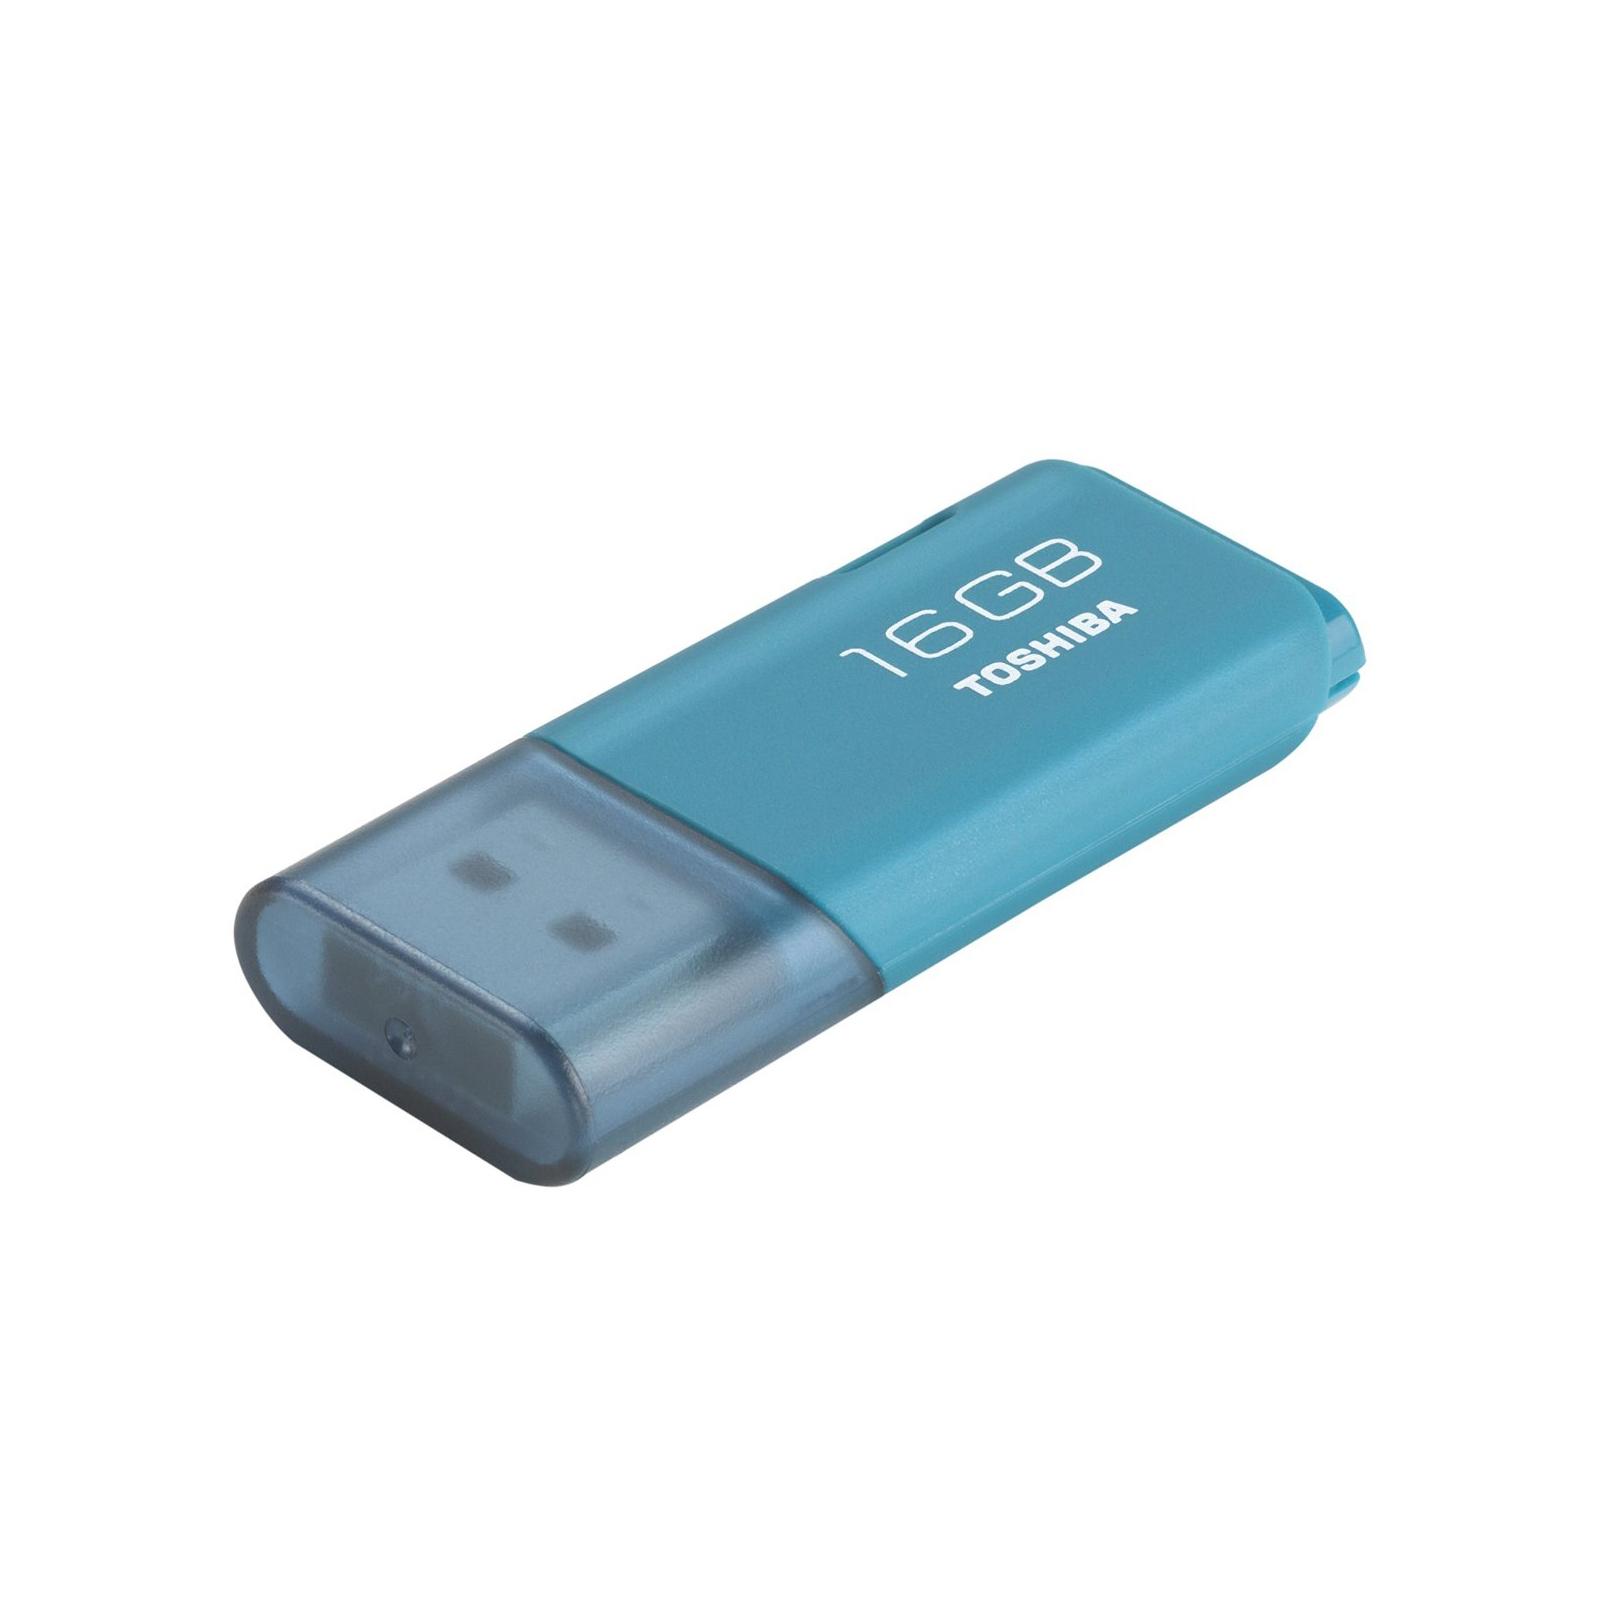 USB флеш накопитель Toshiba 16GB Hayabusa Aqua USB 2.0 (THN-U202L0160E4) изображение 2